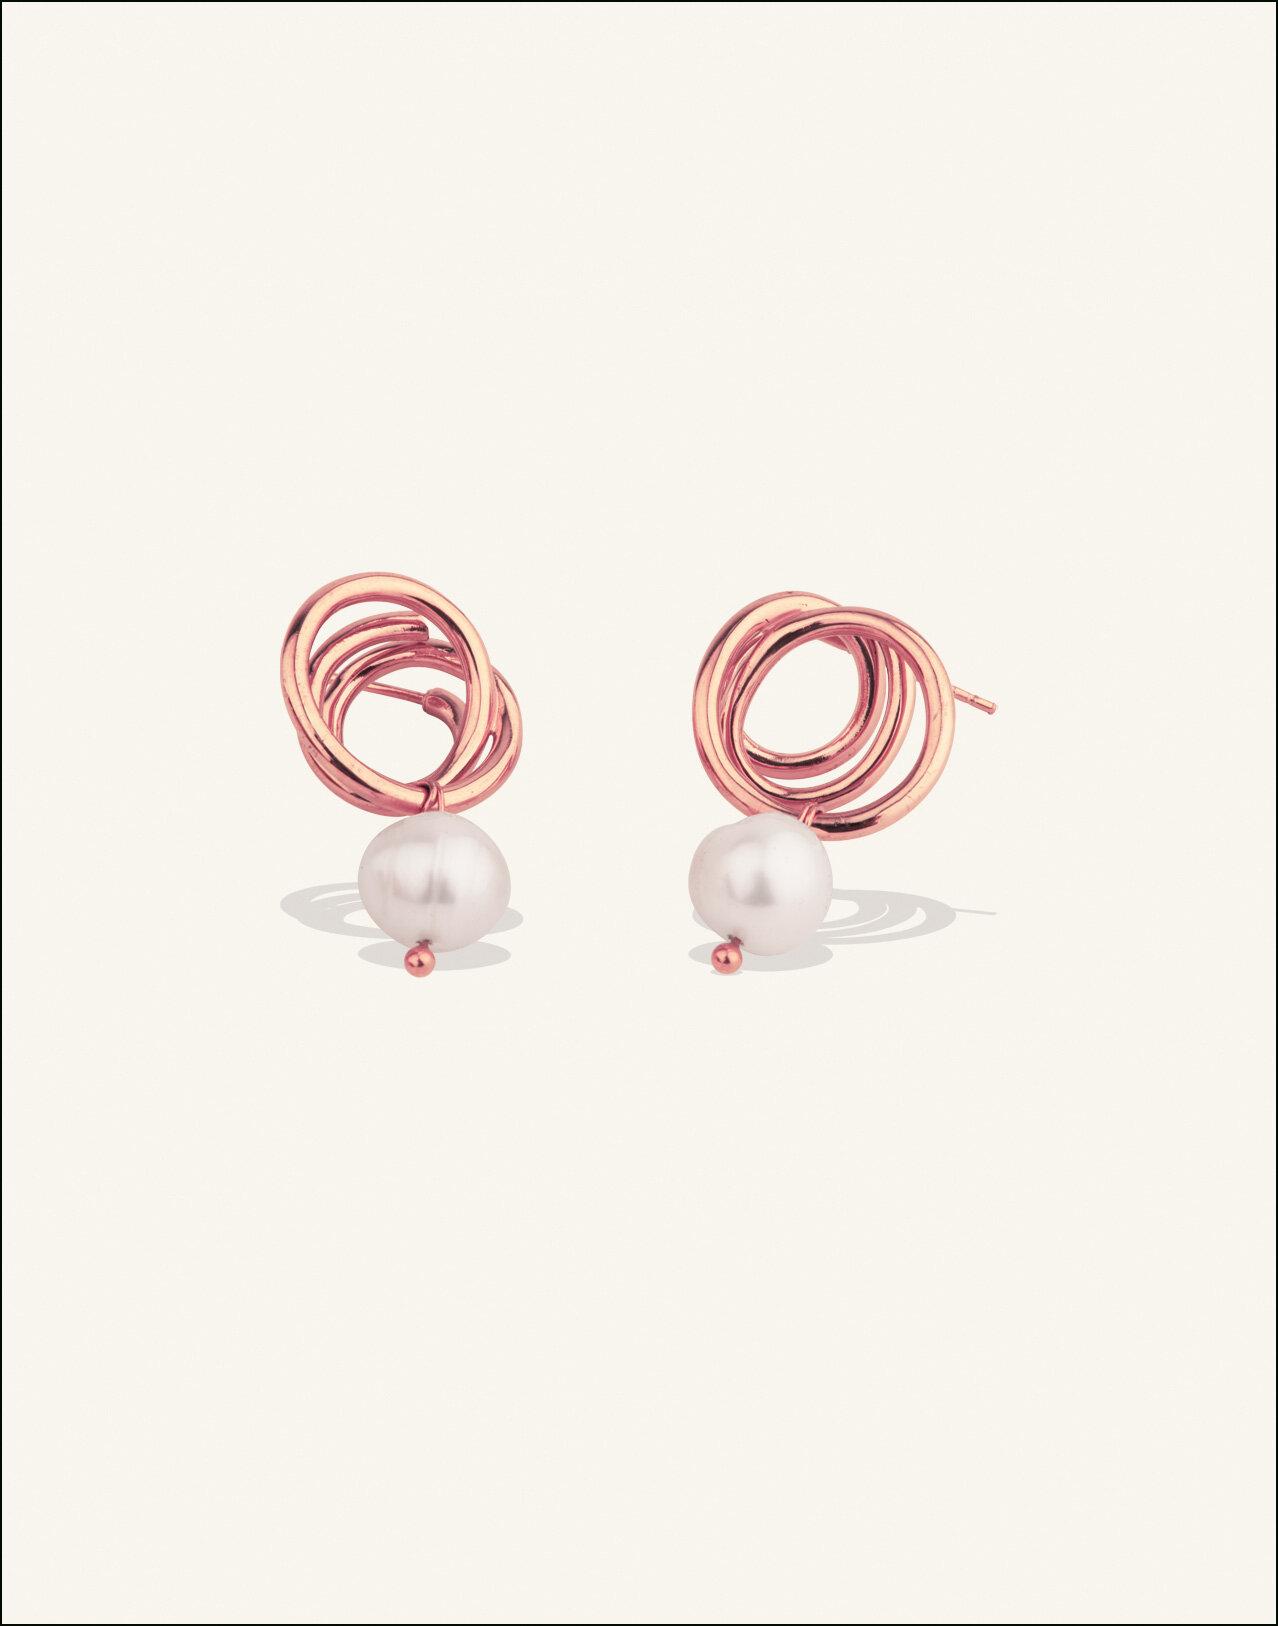 Completedworks-ROSE-GOLD-VERMEIL-Flow-Earrings-Pearl-2.jpg